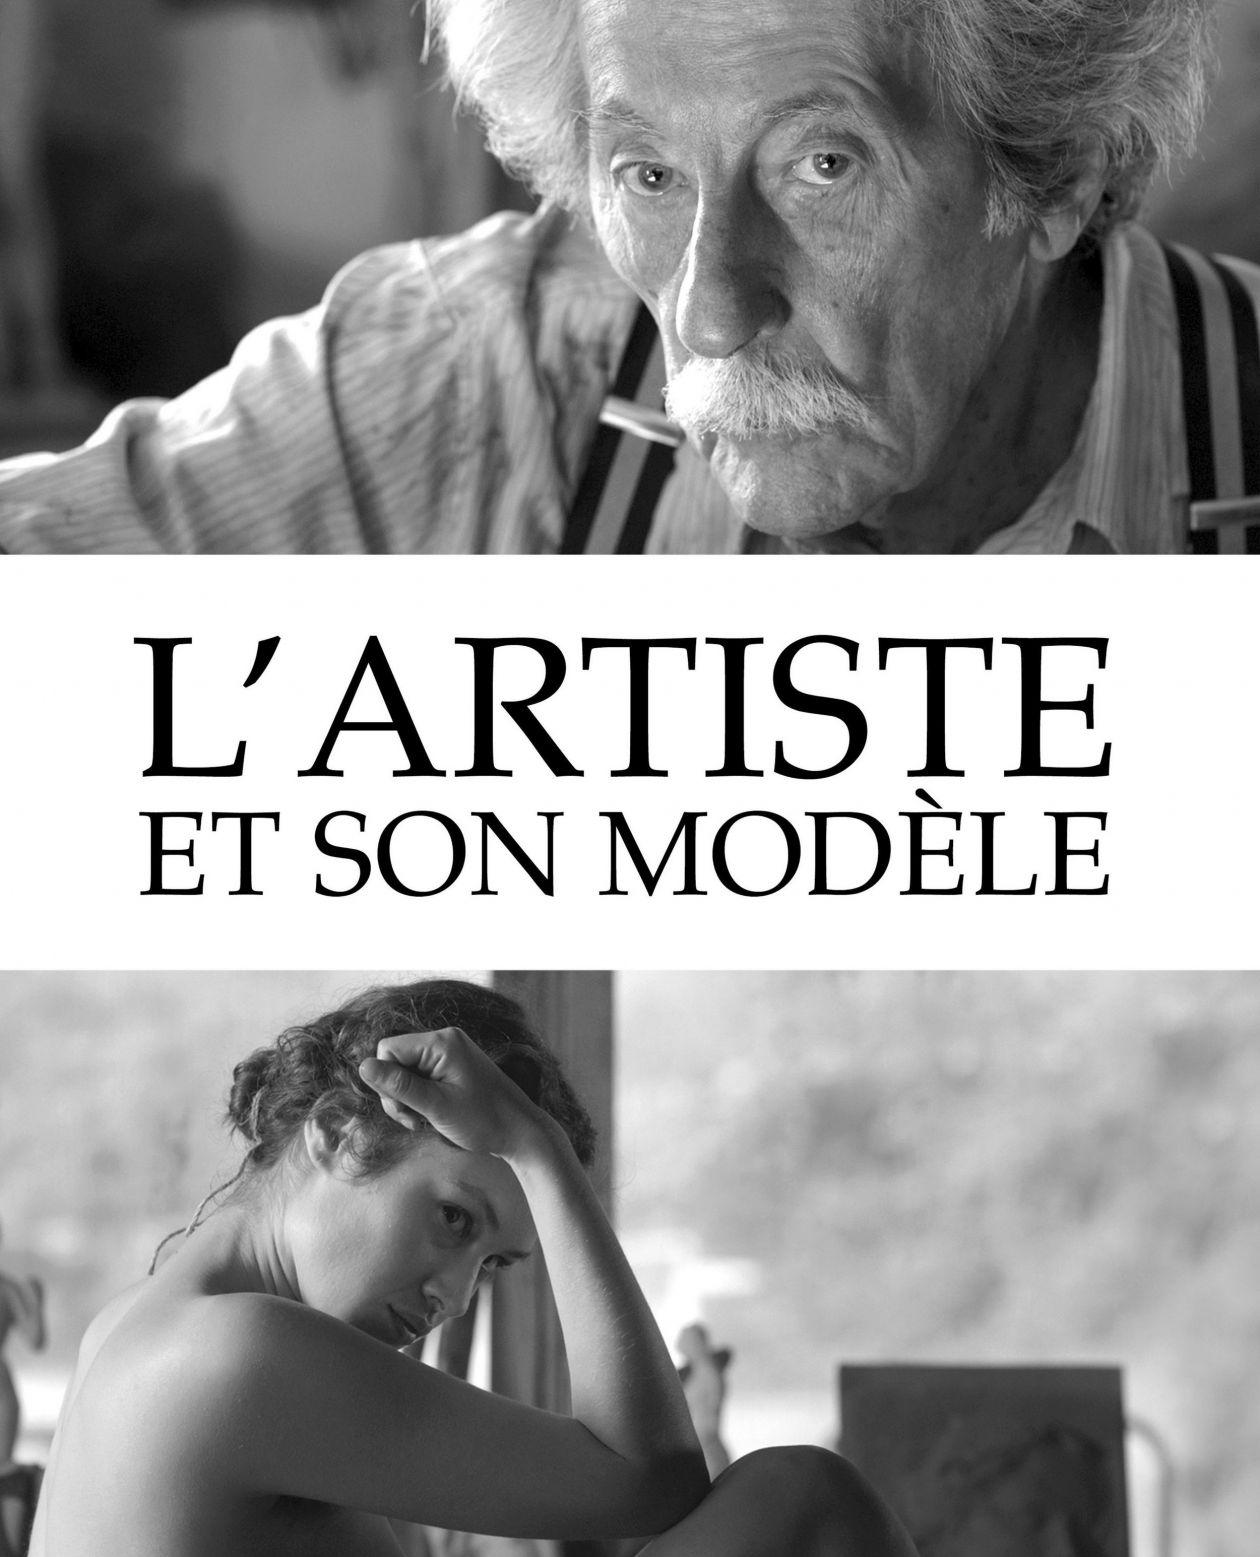 Aida Folch actress actrice comédienne / 2013 : L'Artiste et son modèle / Fernando Trueba / Jean Rochefort